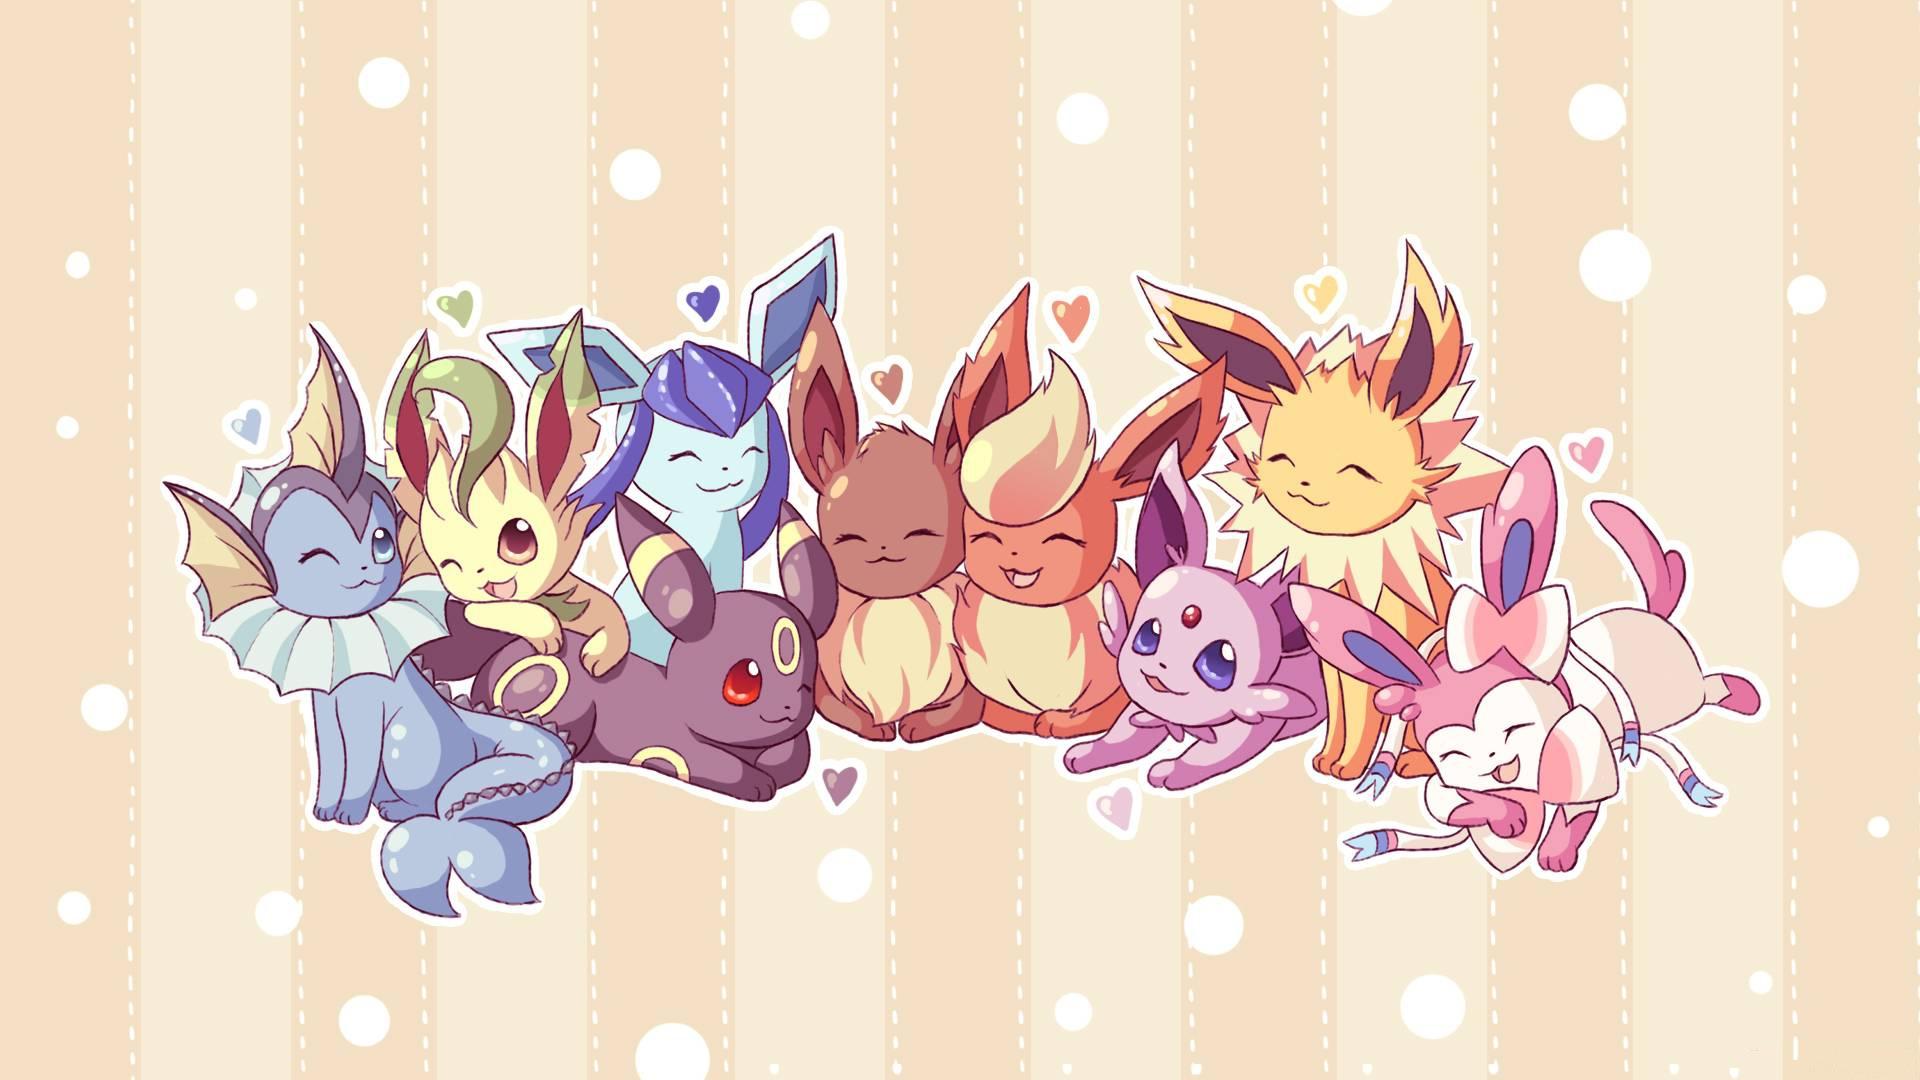 Cute Pikachu Hd Wallpapers Pokemon Pikachu Blasen Blauem Hintergrund